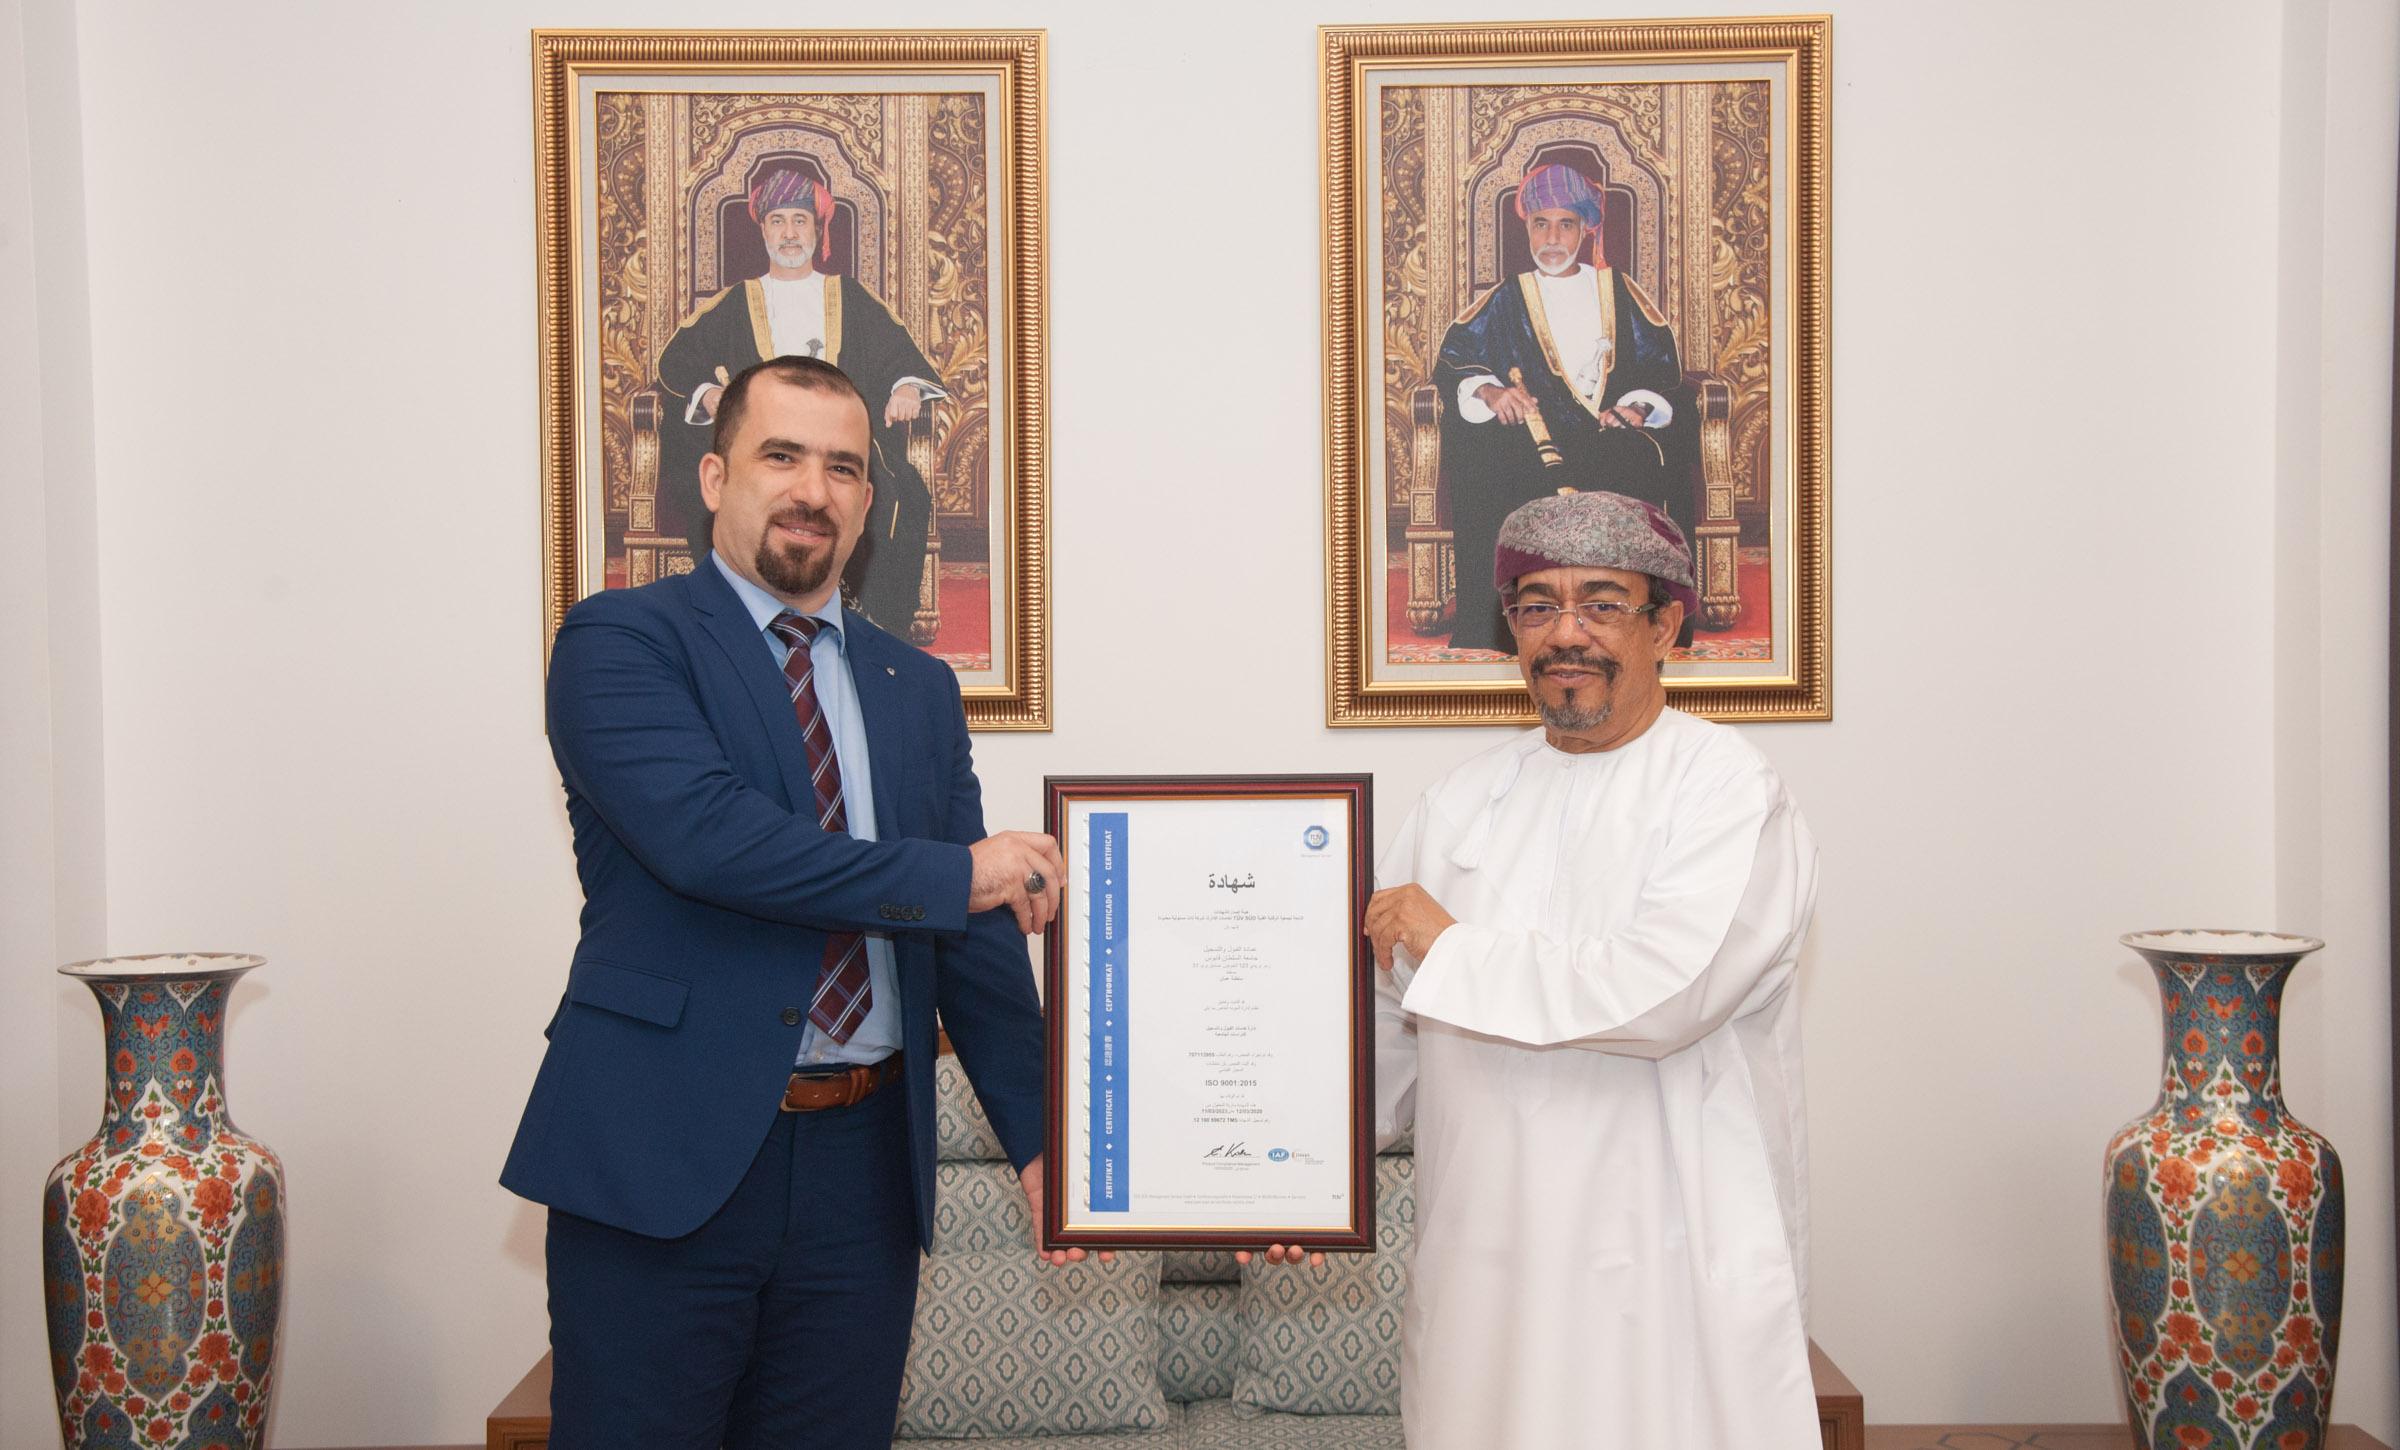 جامعة السلطان تحصل على شهادة الايزو للجودة في خدمات القبول والتسجيل